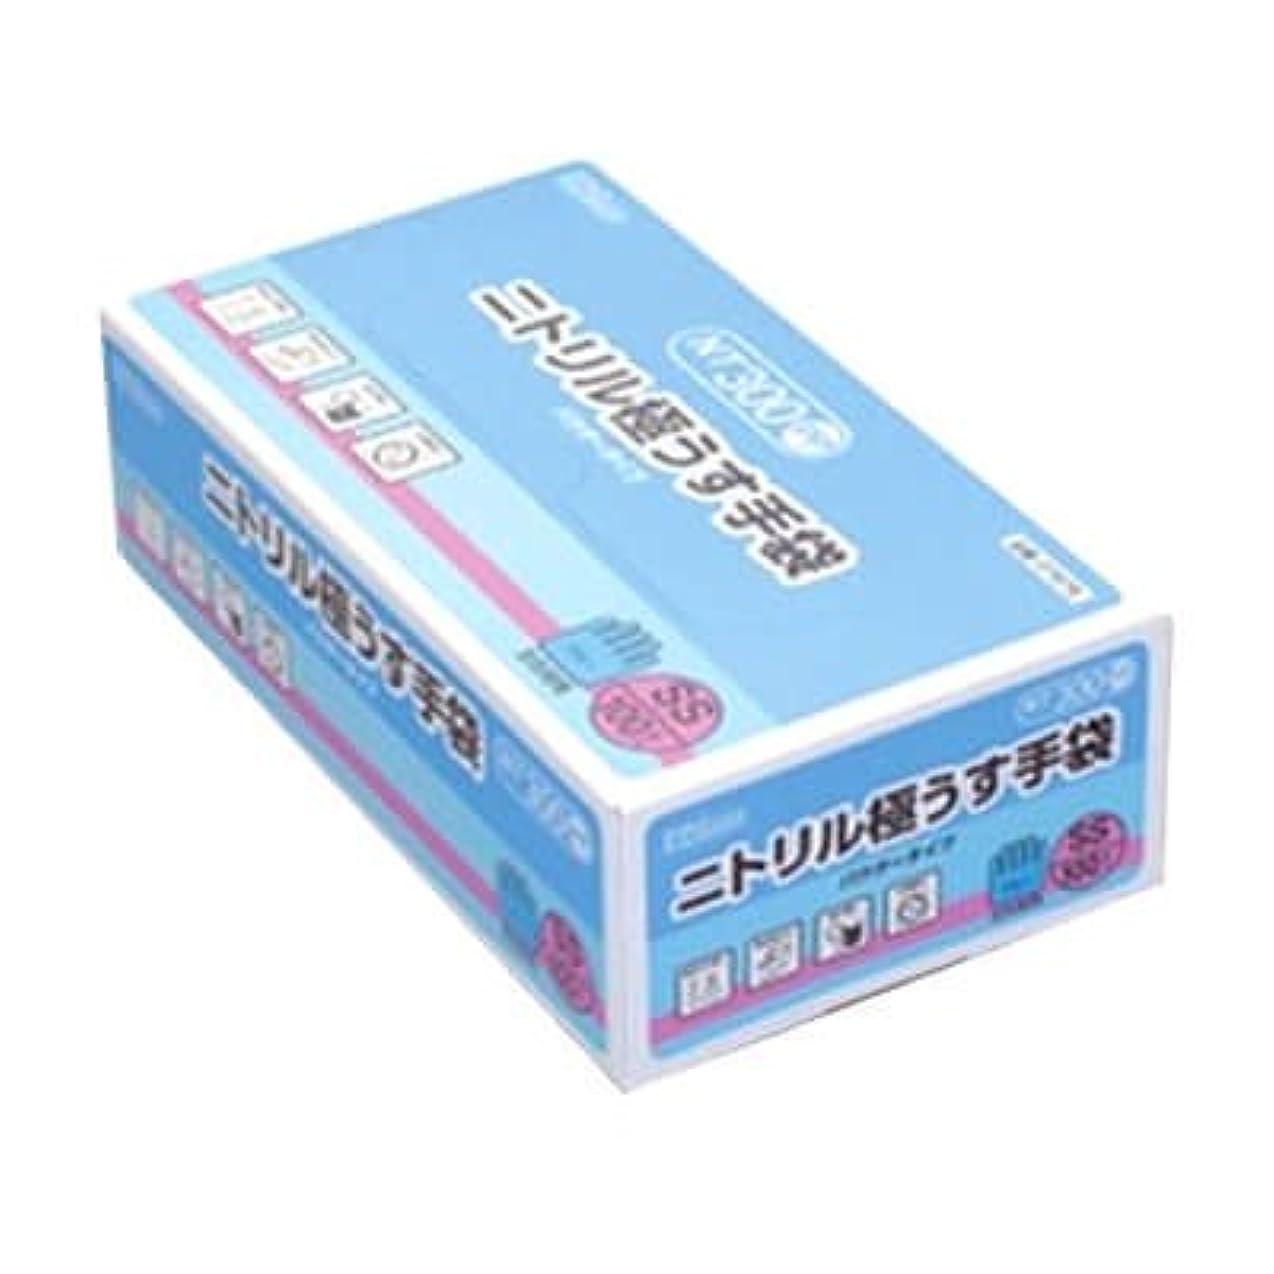 相手両方上流の【ケース販売】 ダンロップ ニトリル極うす手袋 粉付 SS ブルー NT-300 (100枚入×20箱)